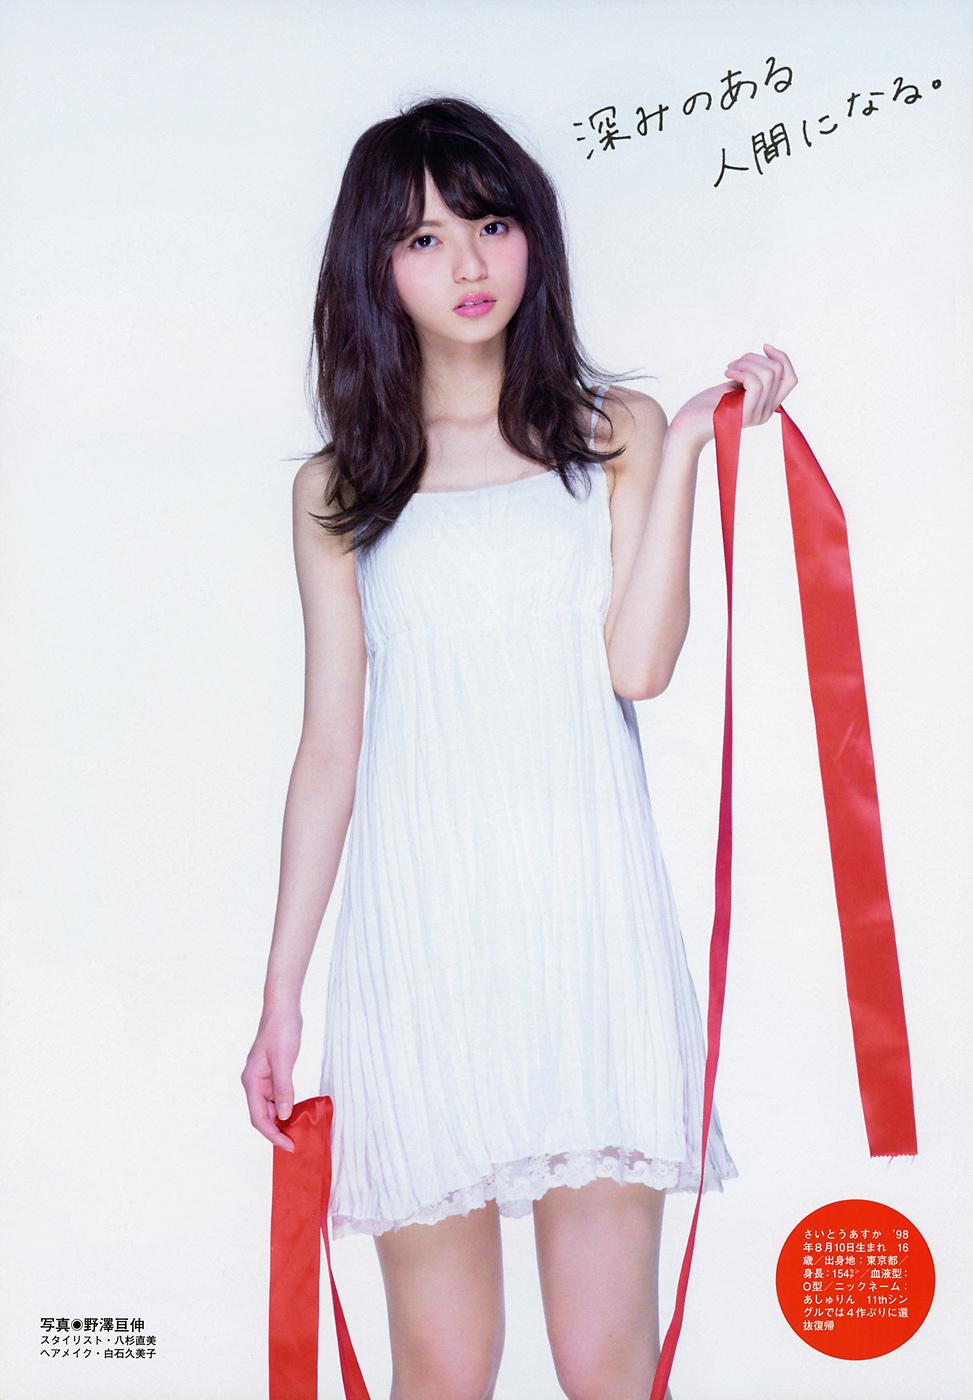 saitou_asuka042.jpg